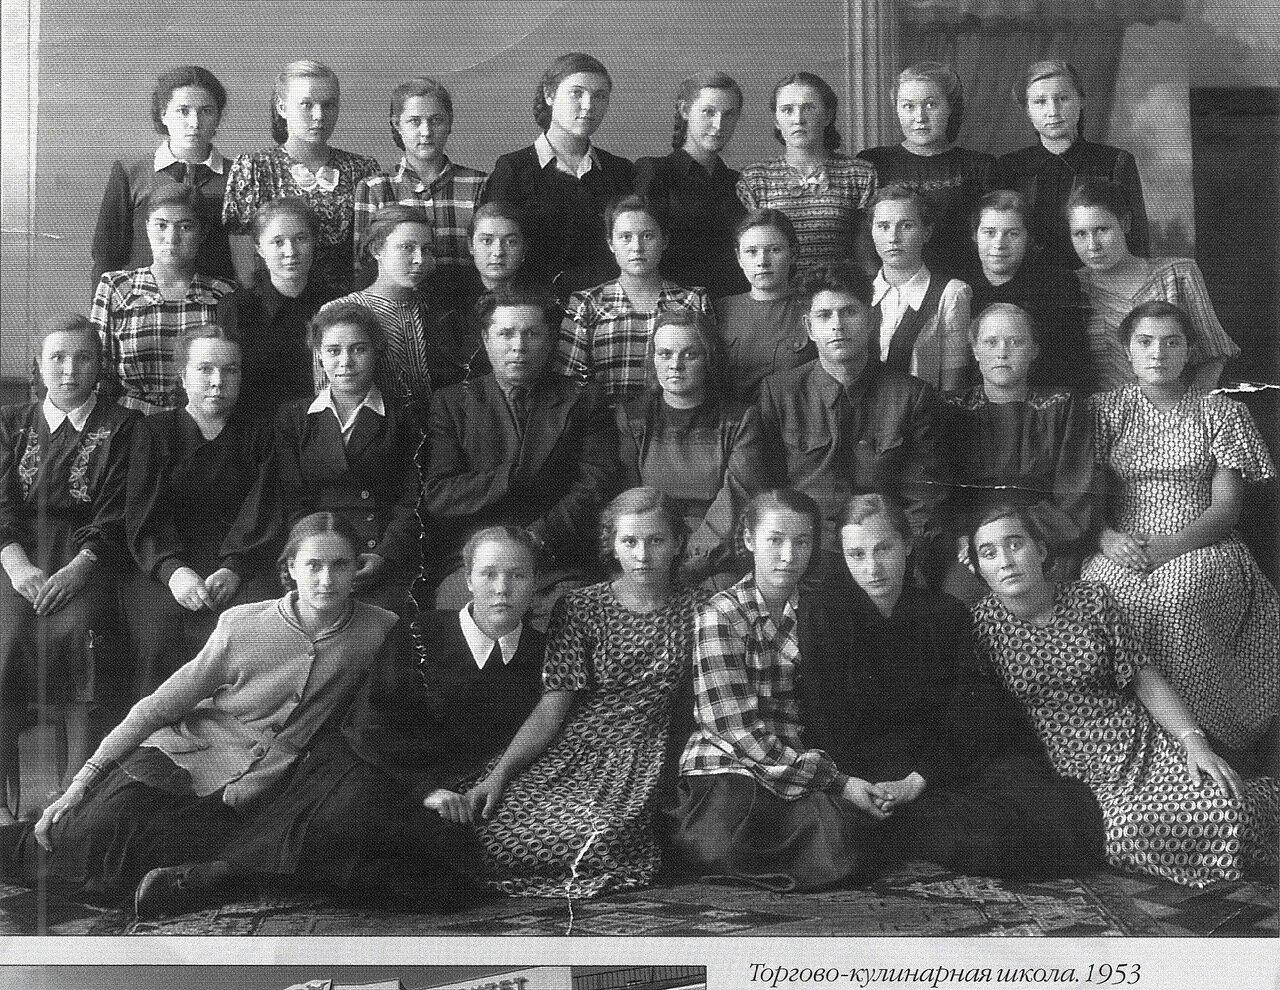 1953. Торгово-кулинарная школа, Омск